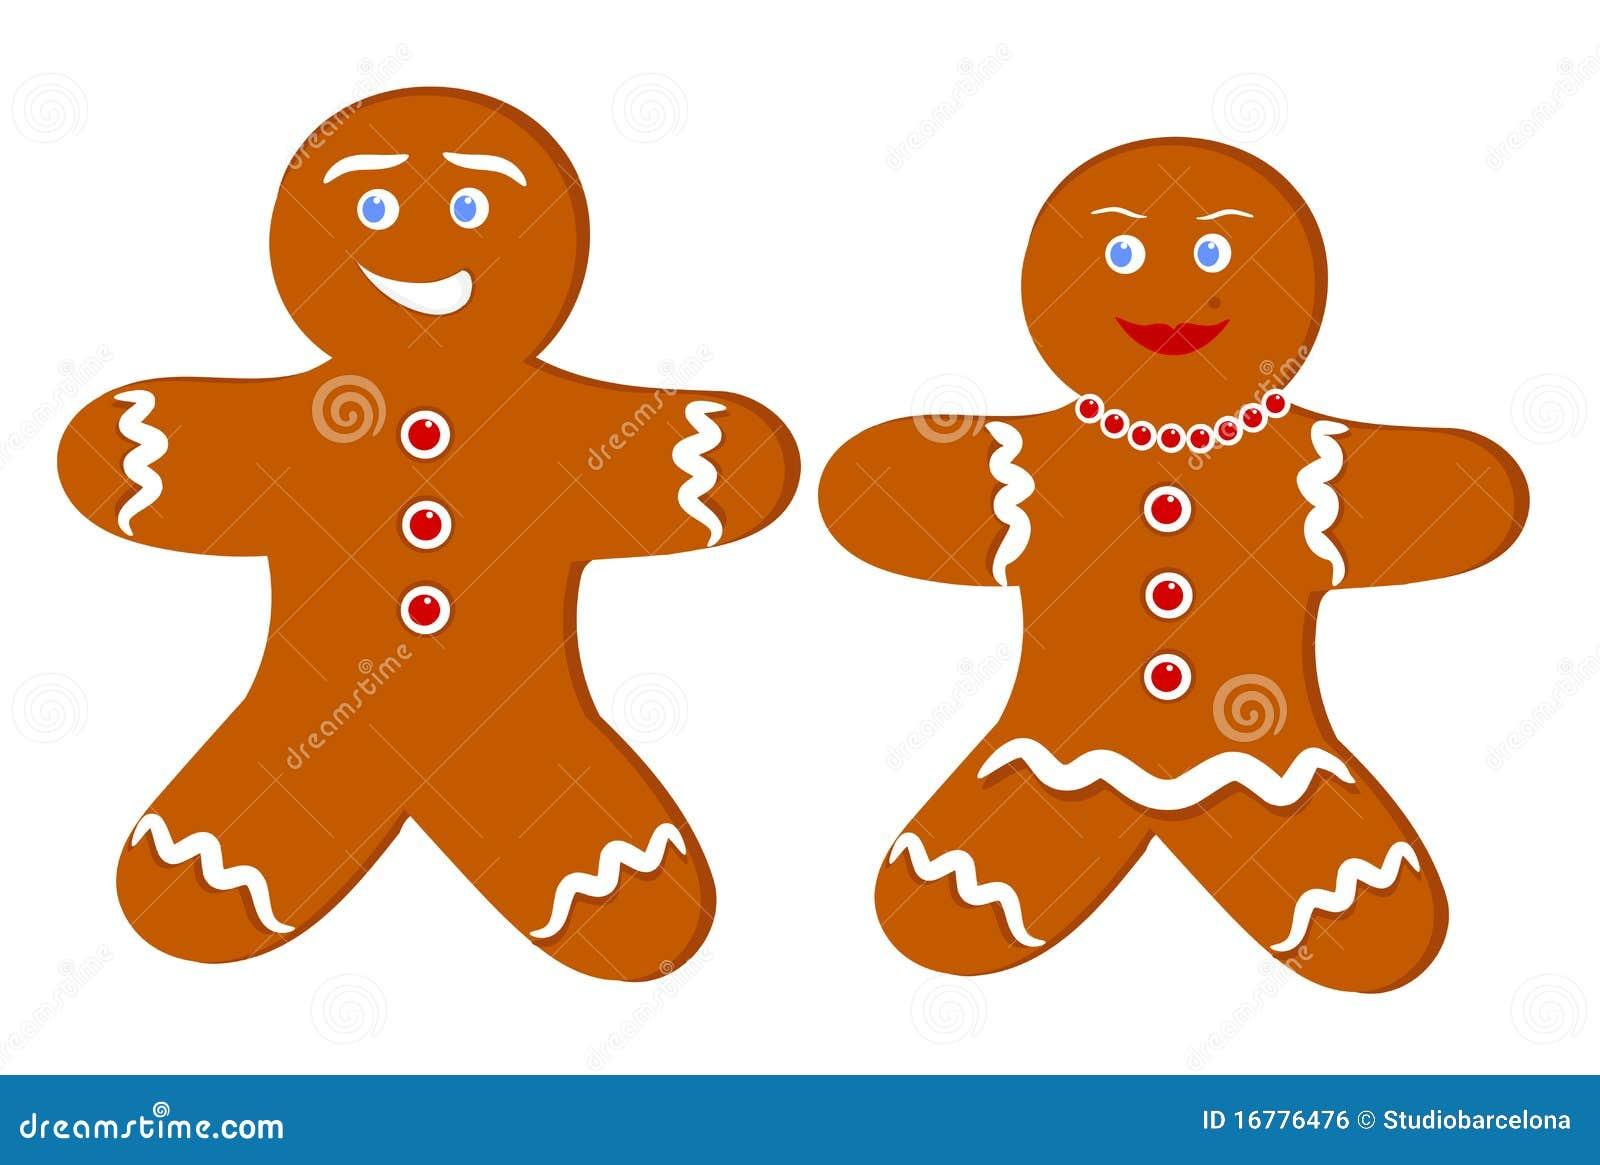 cute gingerbread cartoon